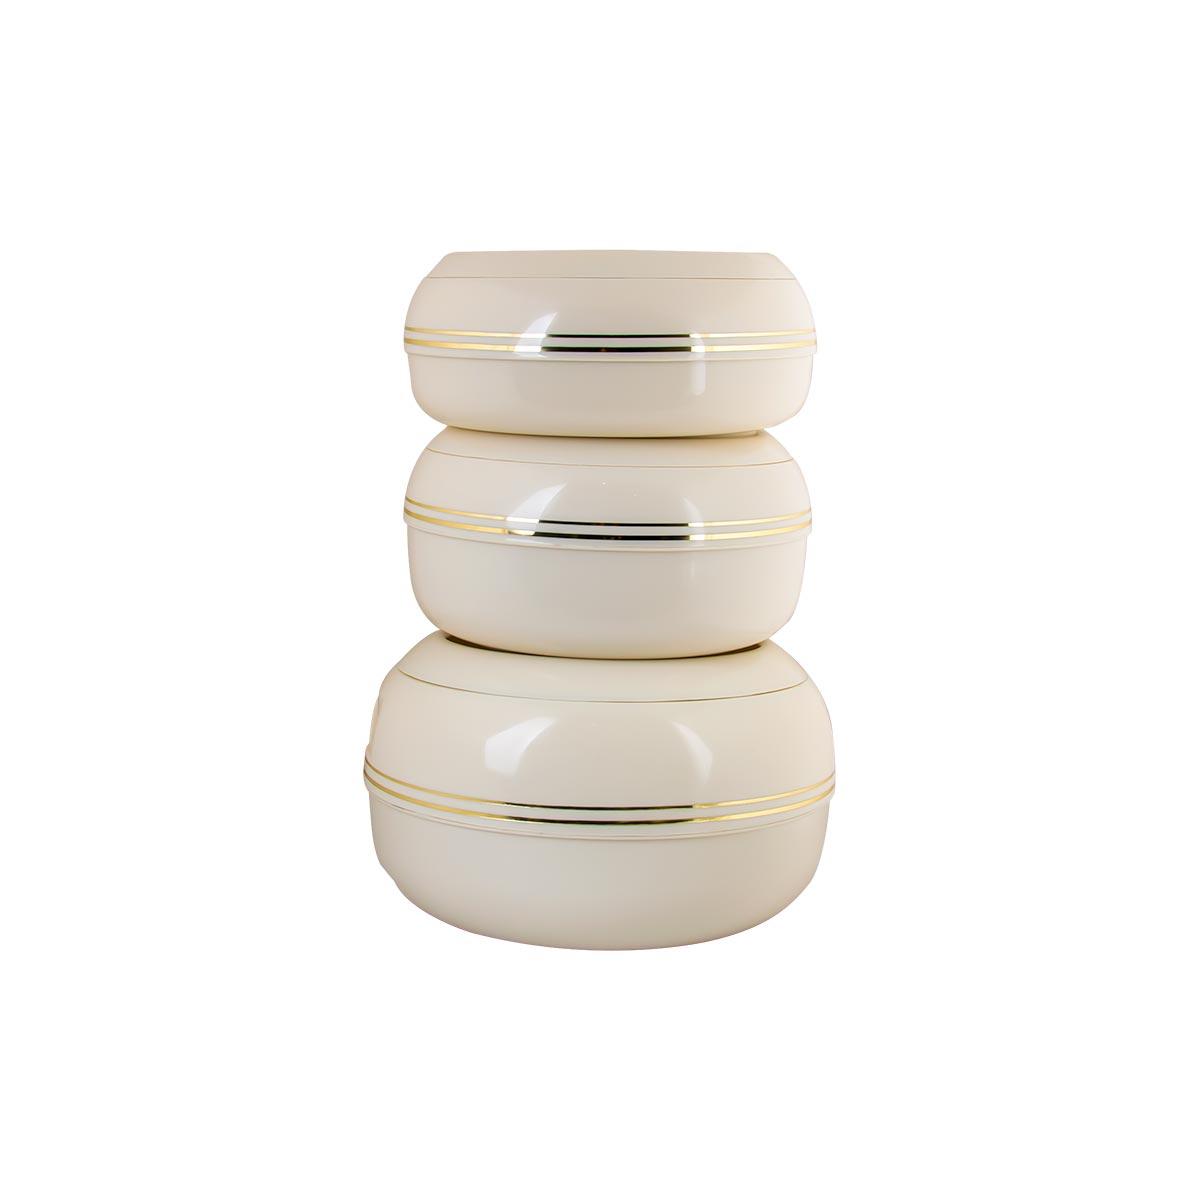 حافظات طعام بلاستيك جايبي طقم 3 مقاسات مختلفة لون بيج رقم JAY999016